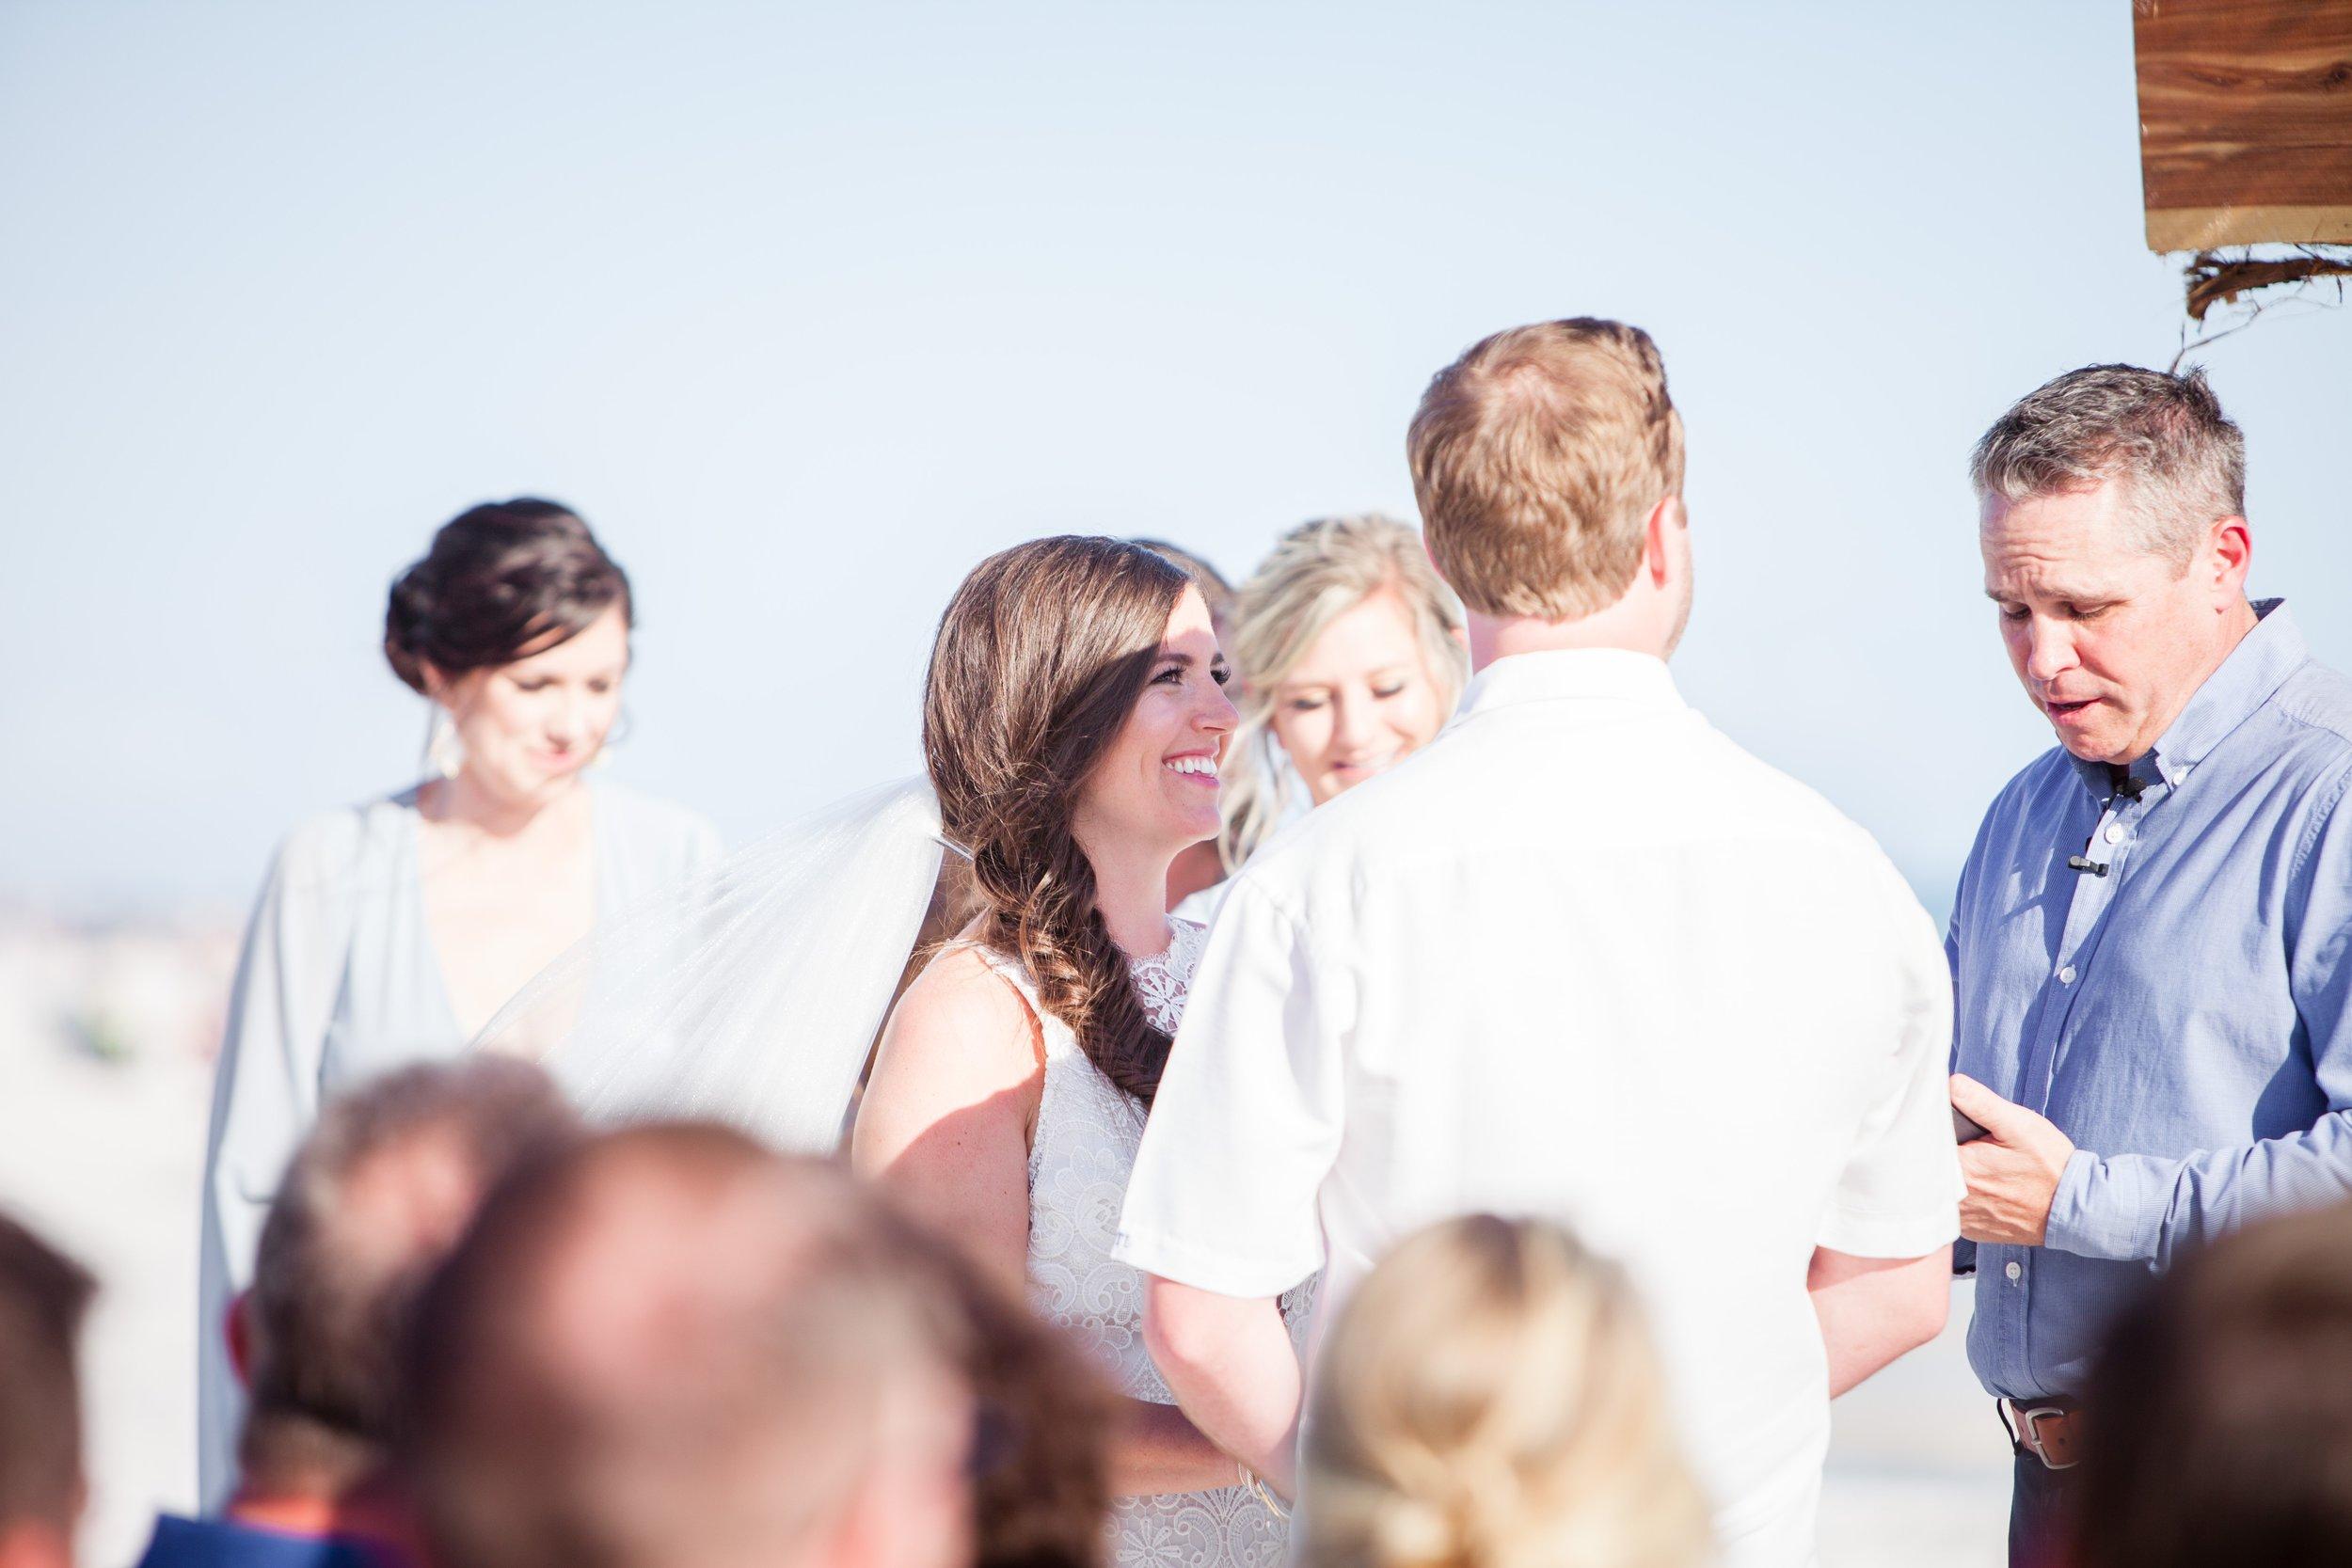 30a-Destin-Florida-Wedding-Photography-Caydee-Matt_029.jpg